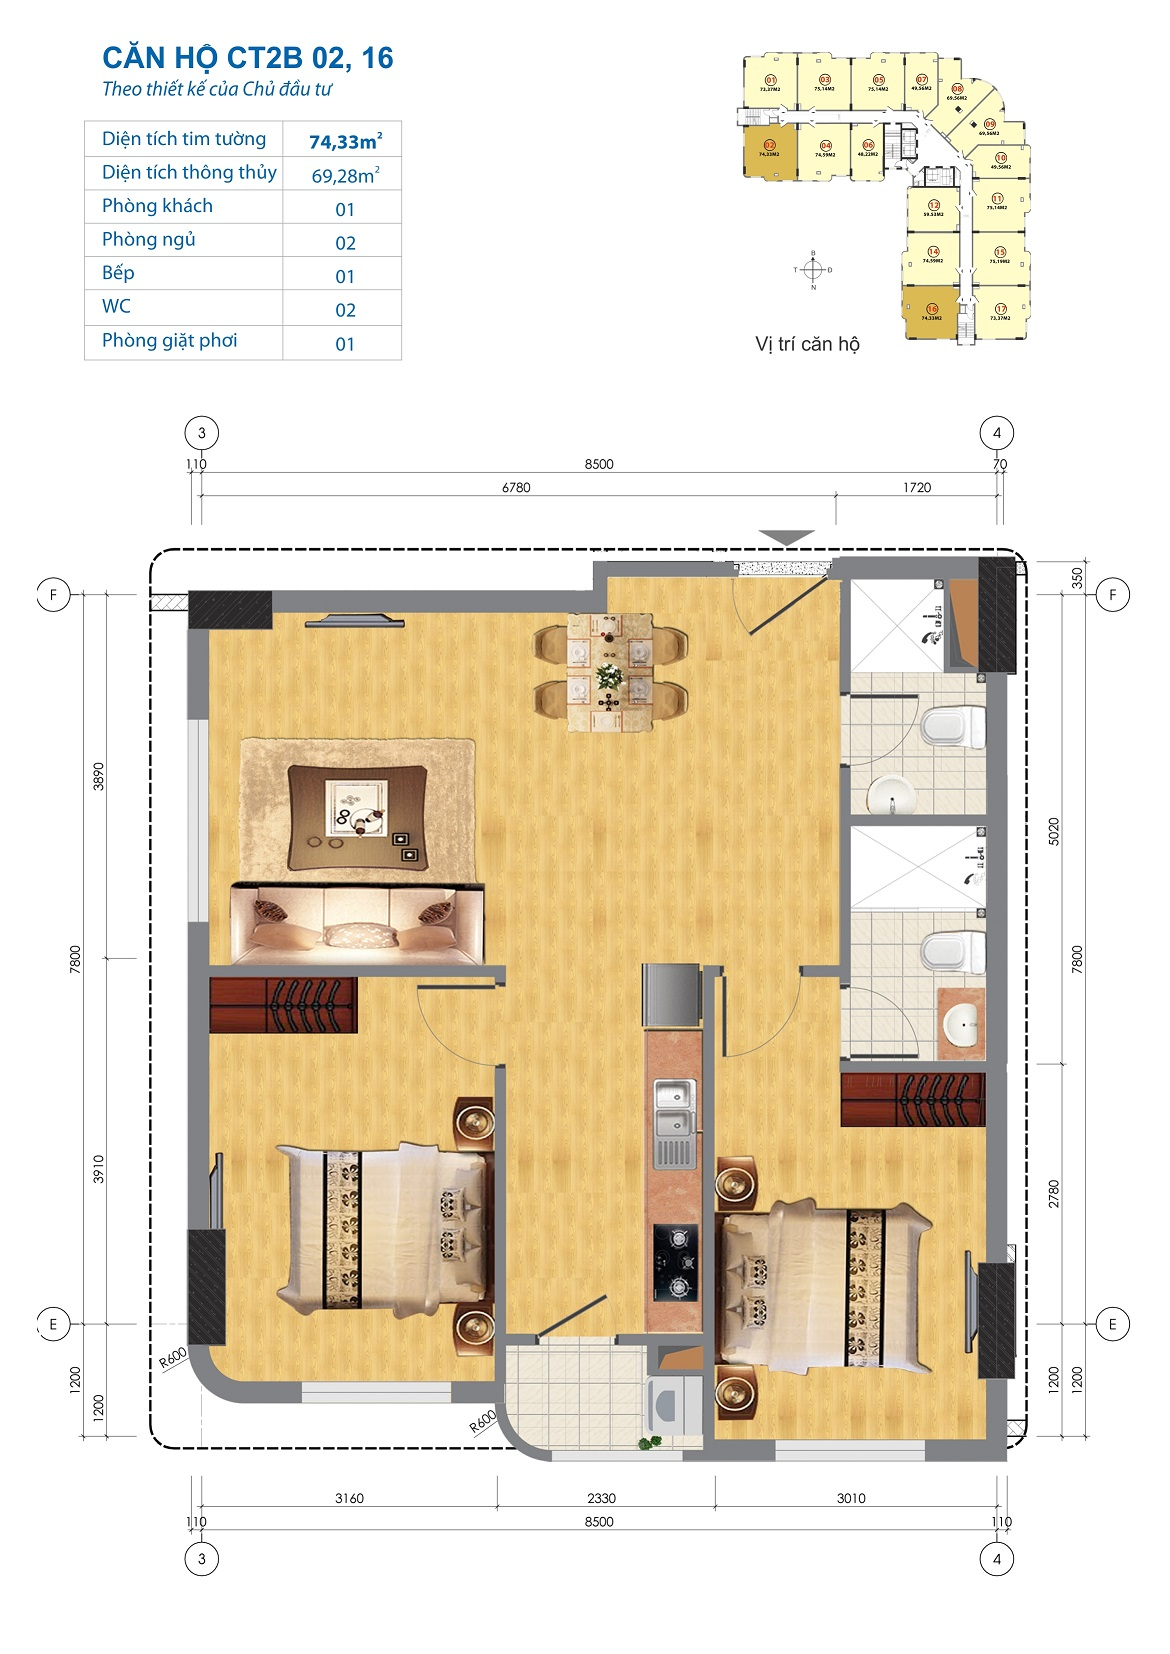 Thiết kế căn hộ CT2B 02, 16 Chung cư CT2B Ngĩa Đô